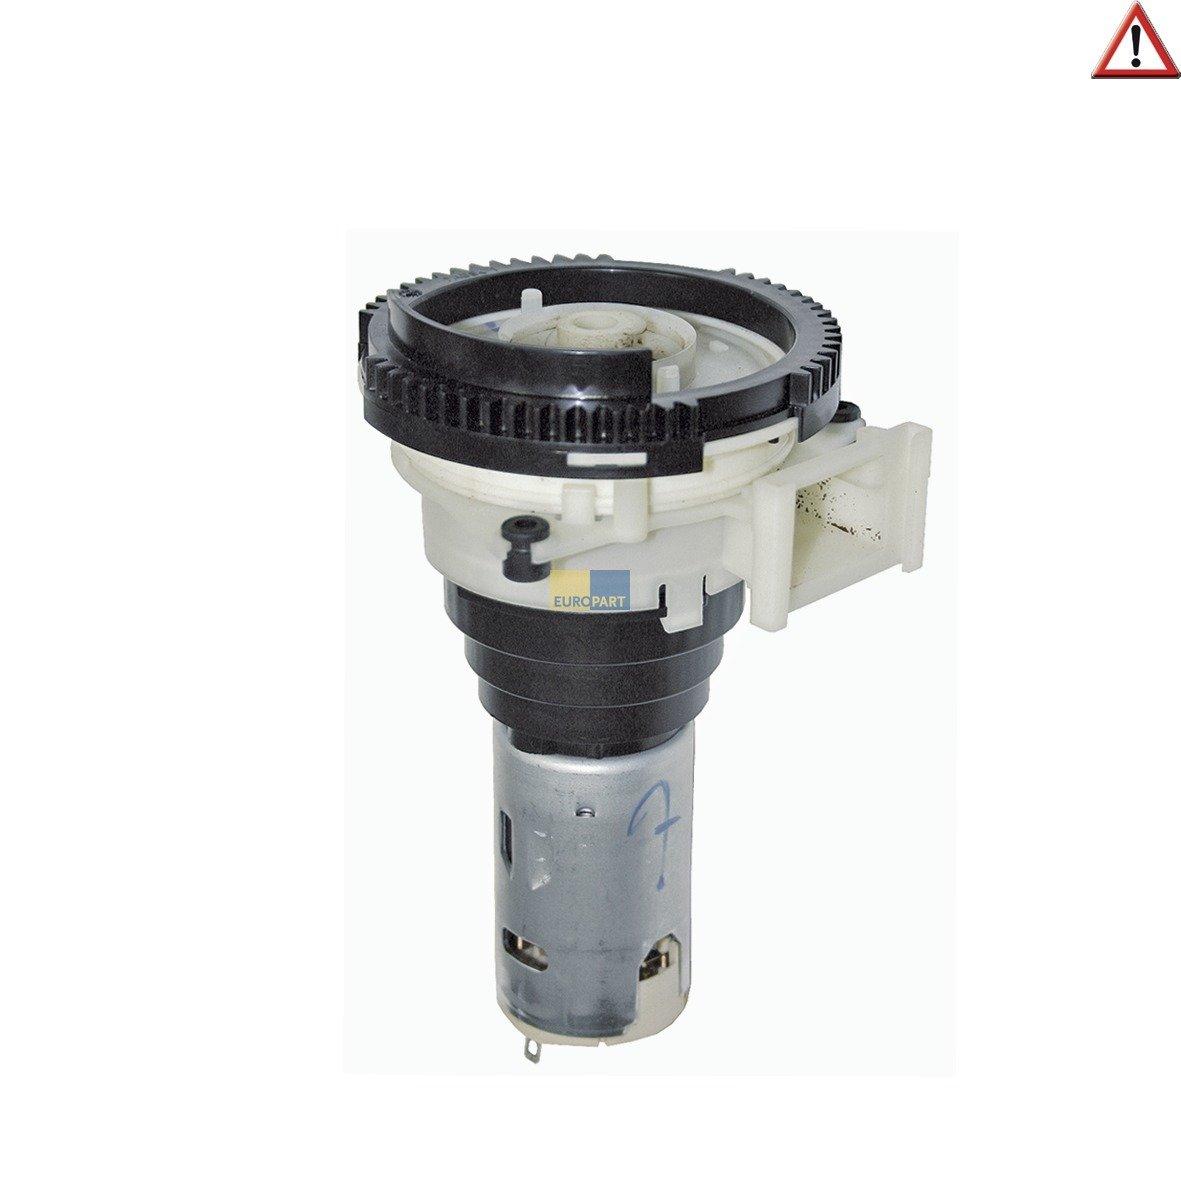 AEG Electrolux - Molinillo para máquinas de café CaFamosa ...